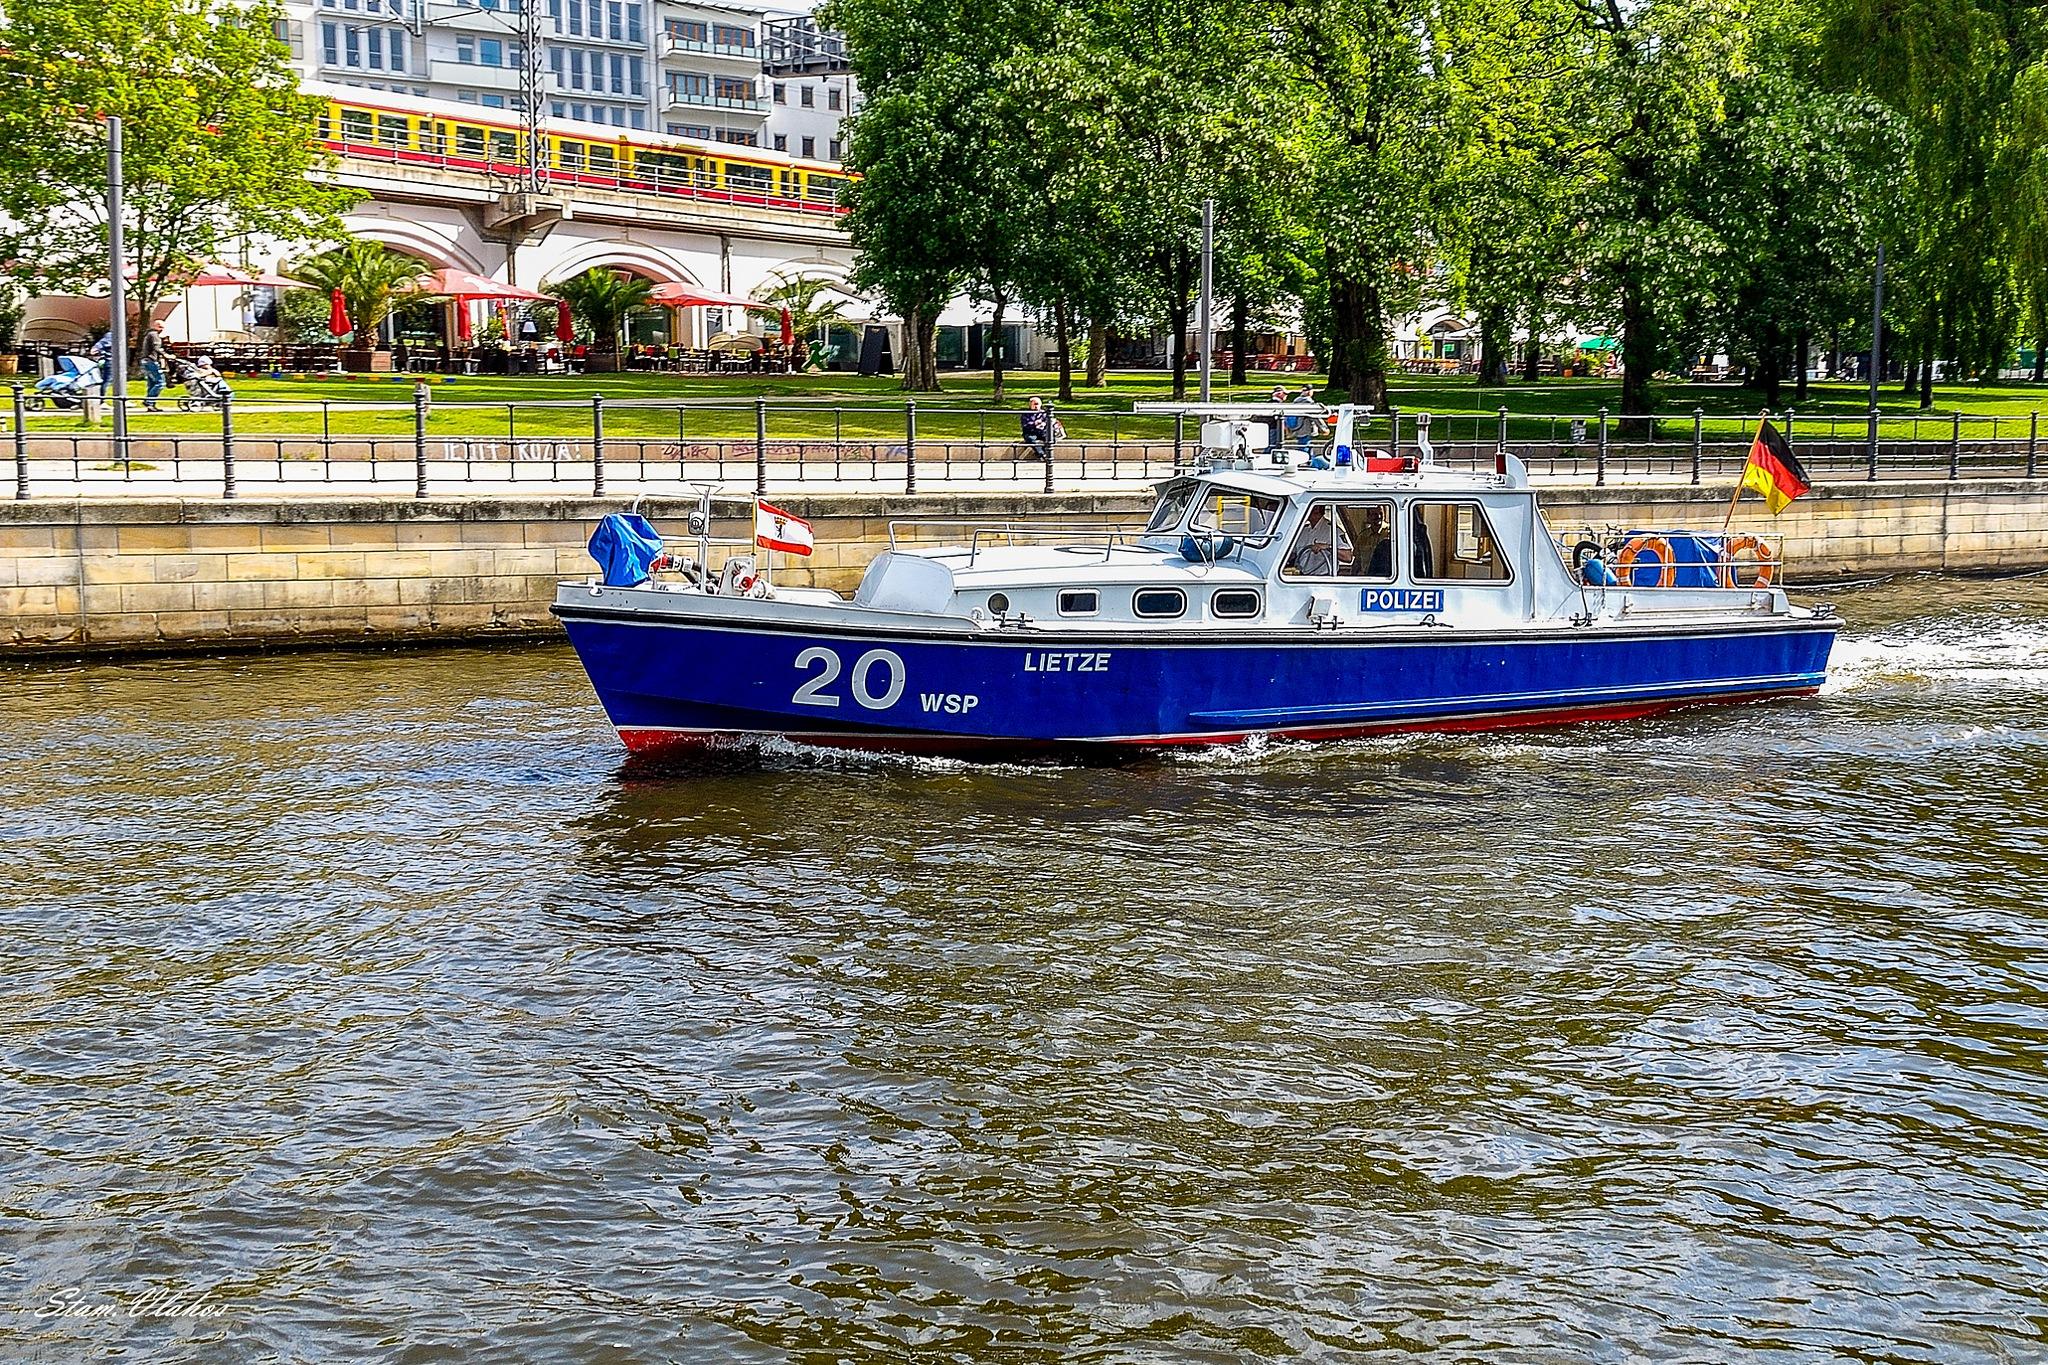 Patrol boat. by Stamatis Vlahos